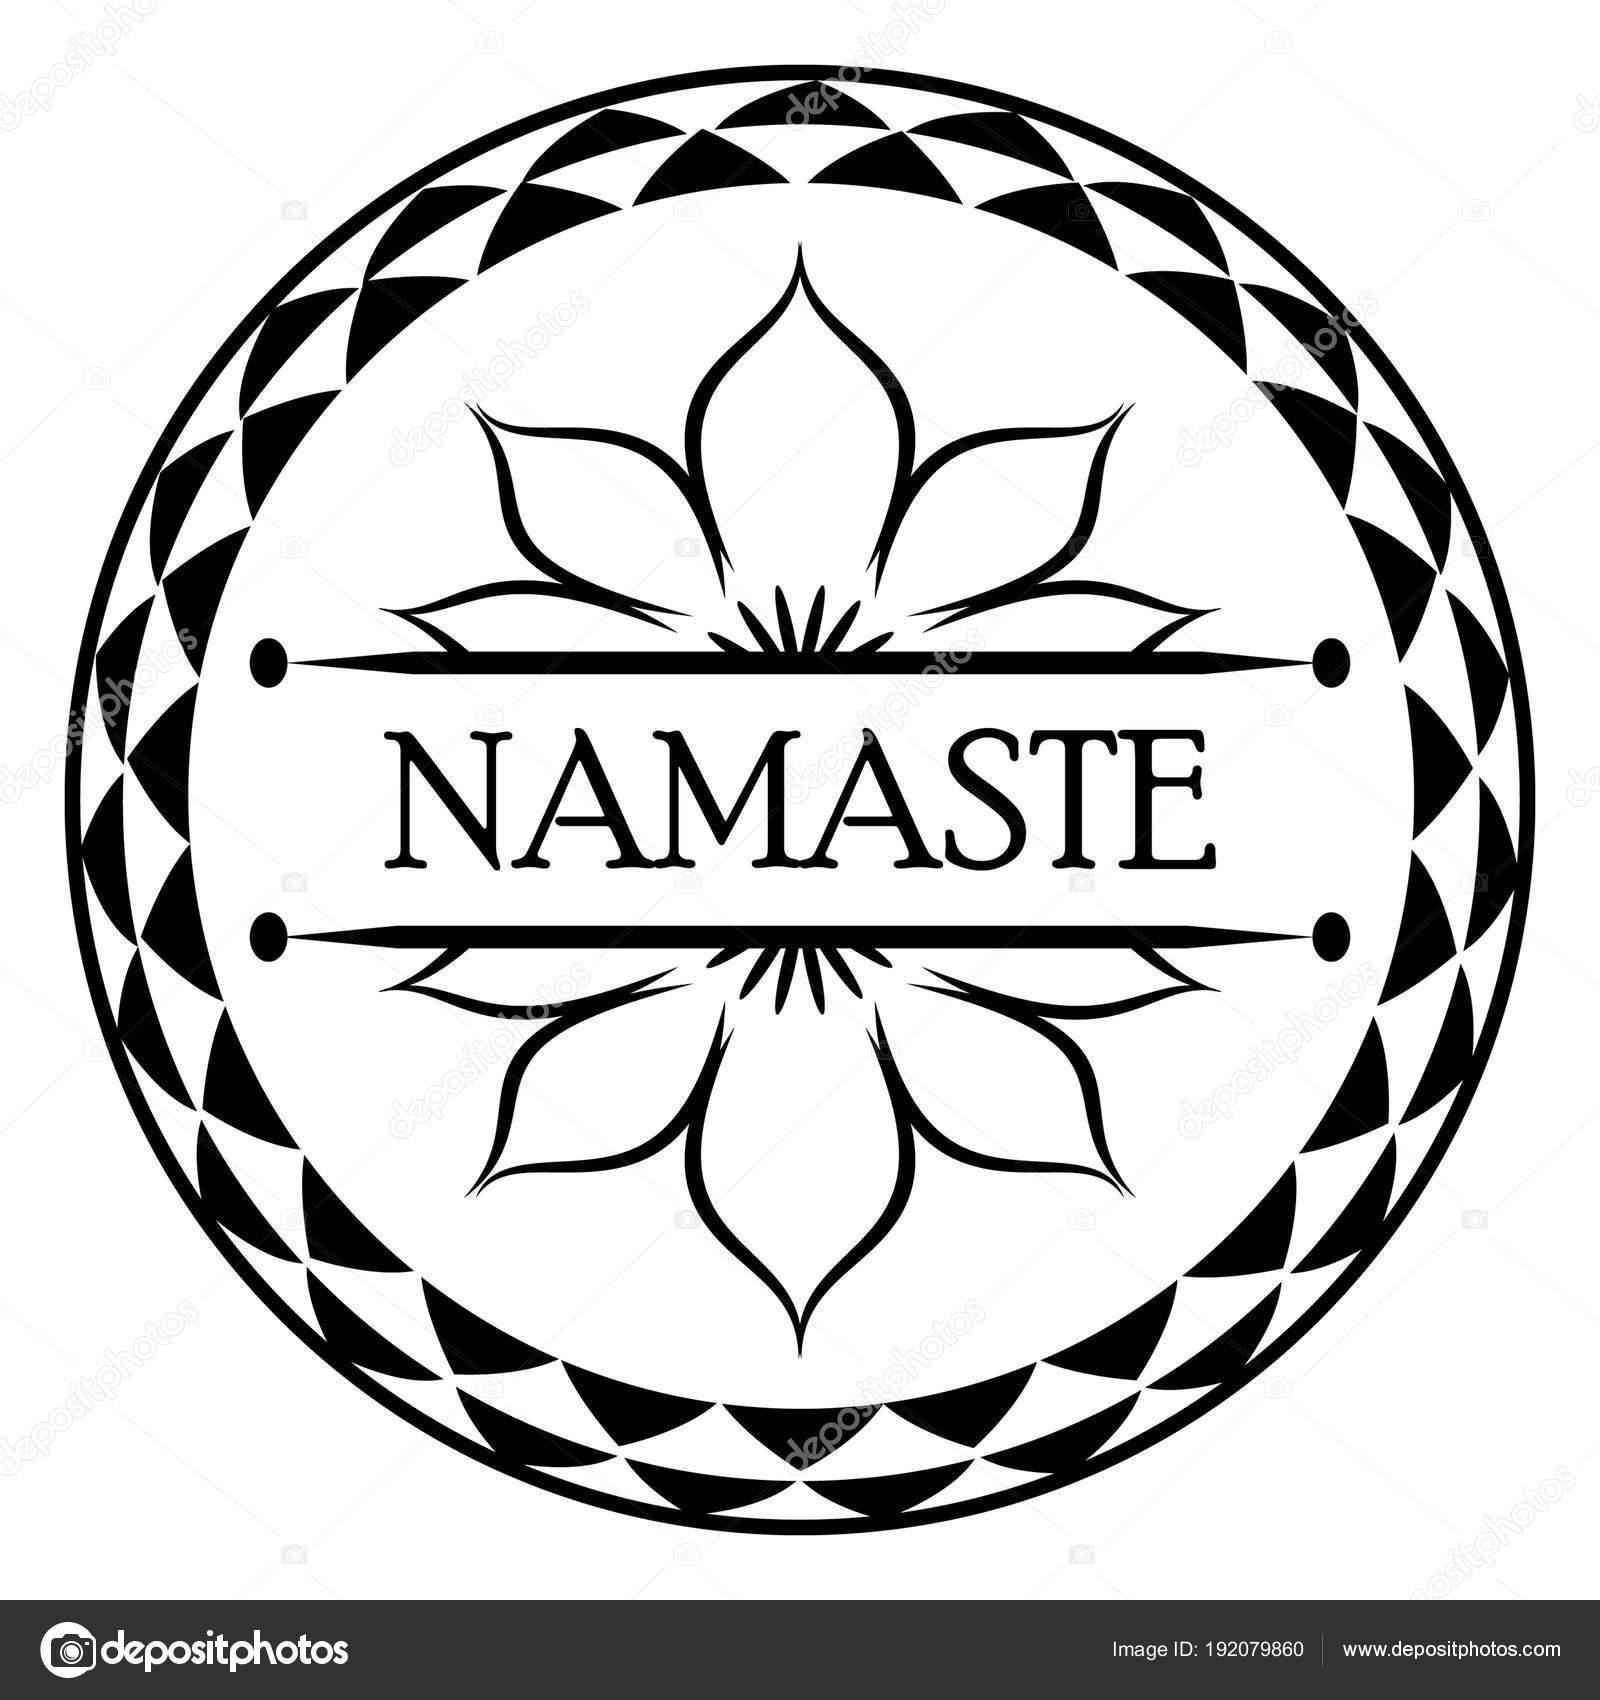 Bandera de India saludo Namaste — Vector de stock © Zanna26 #192079860